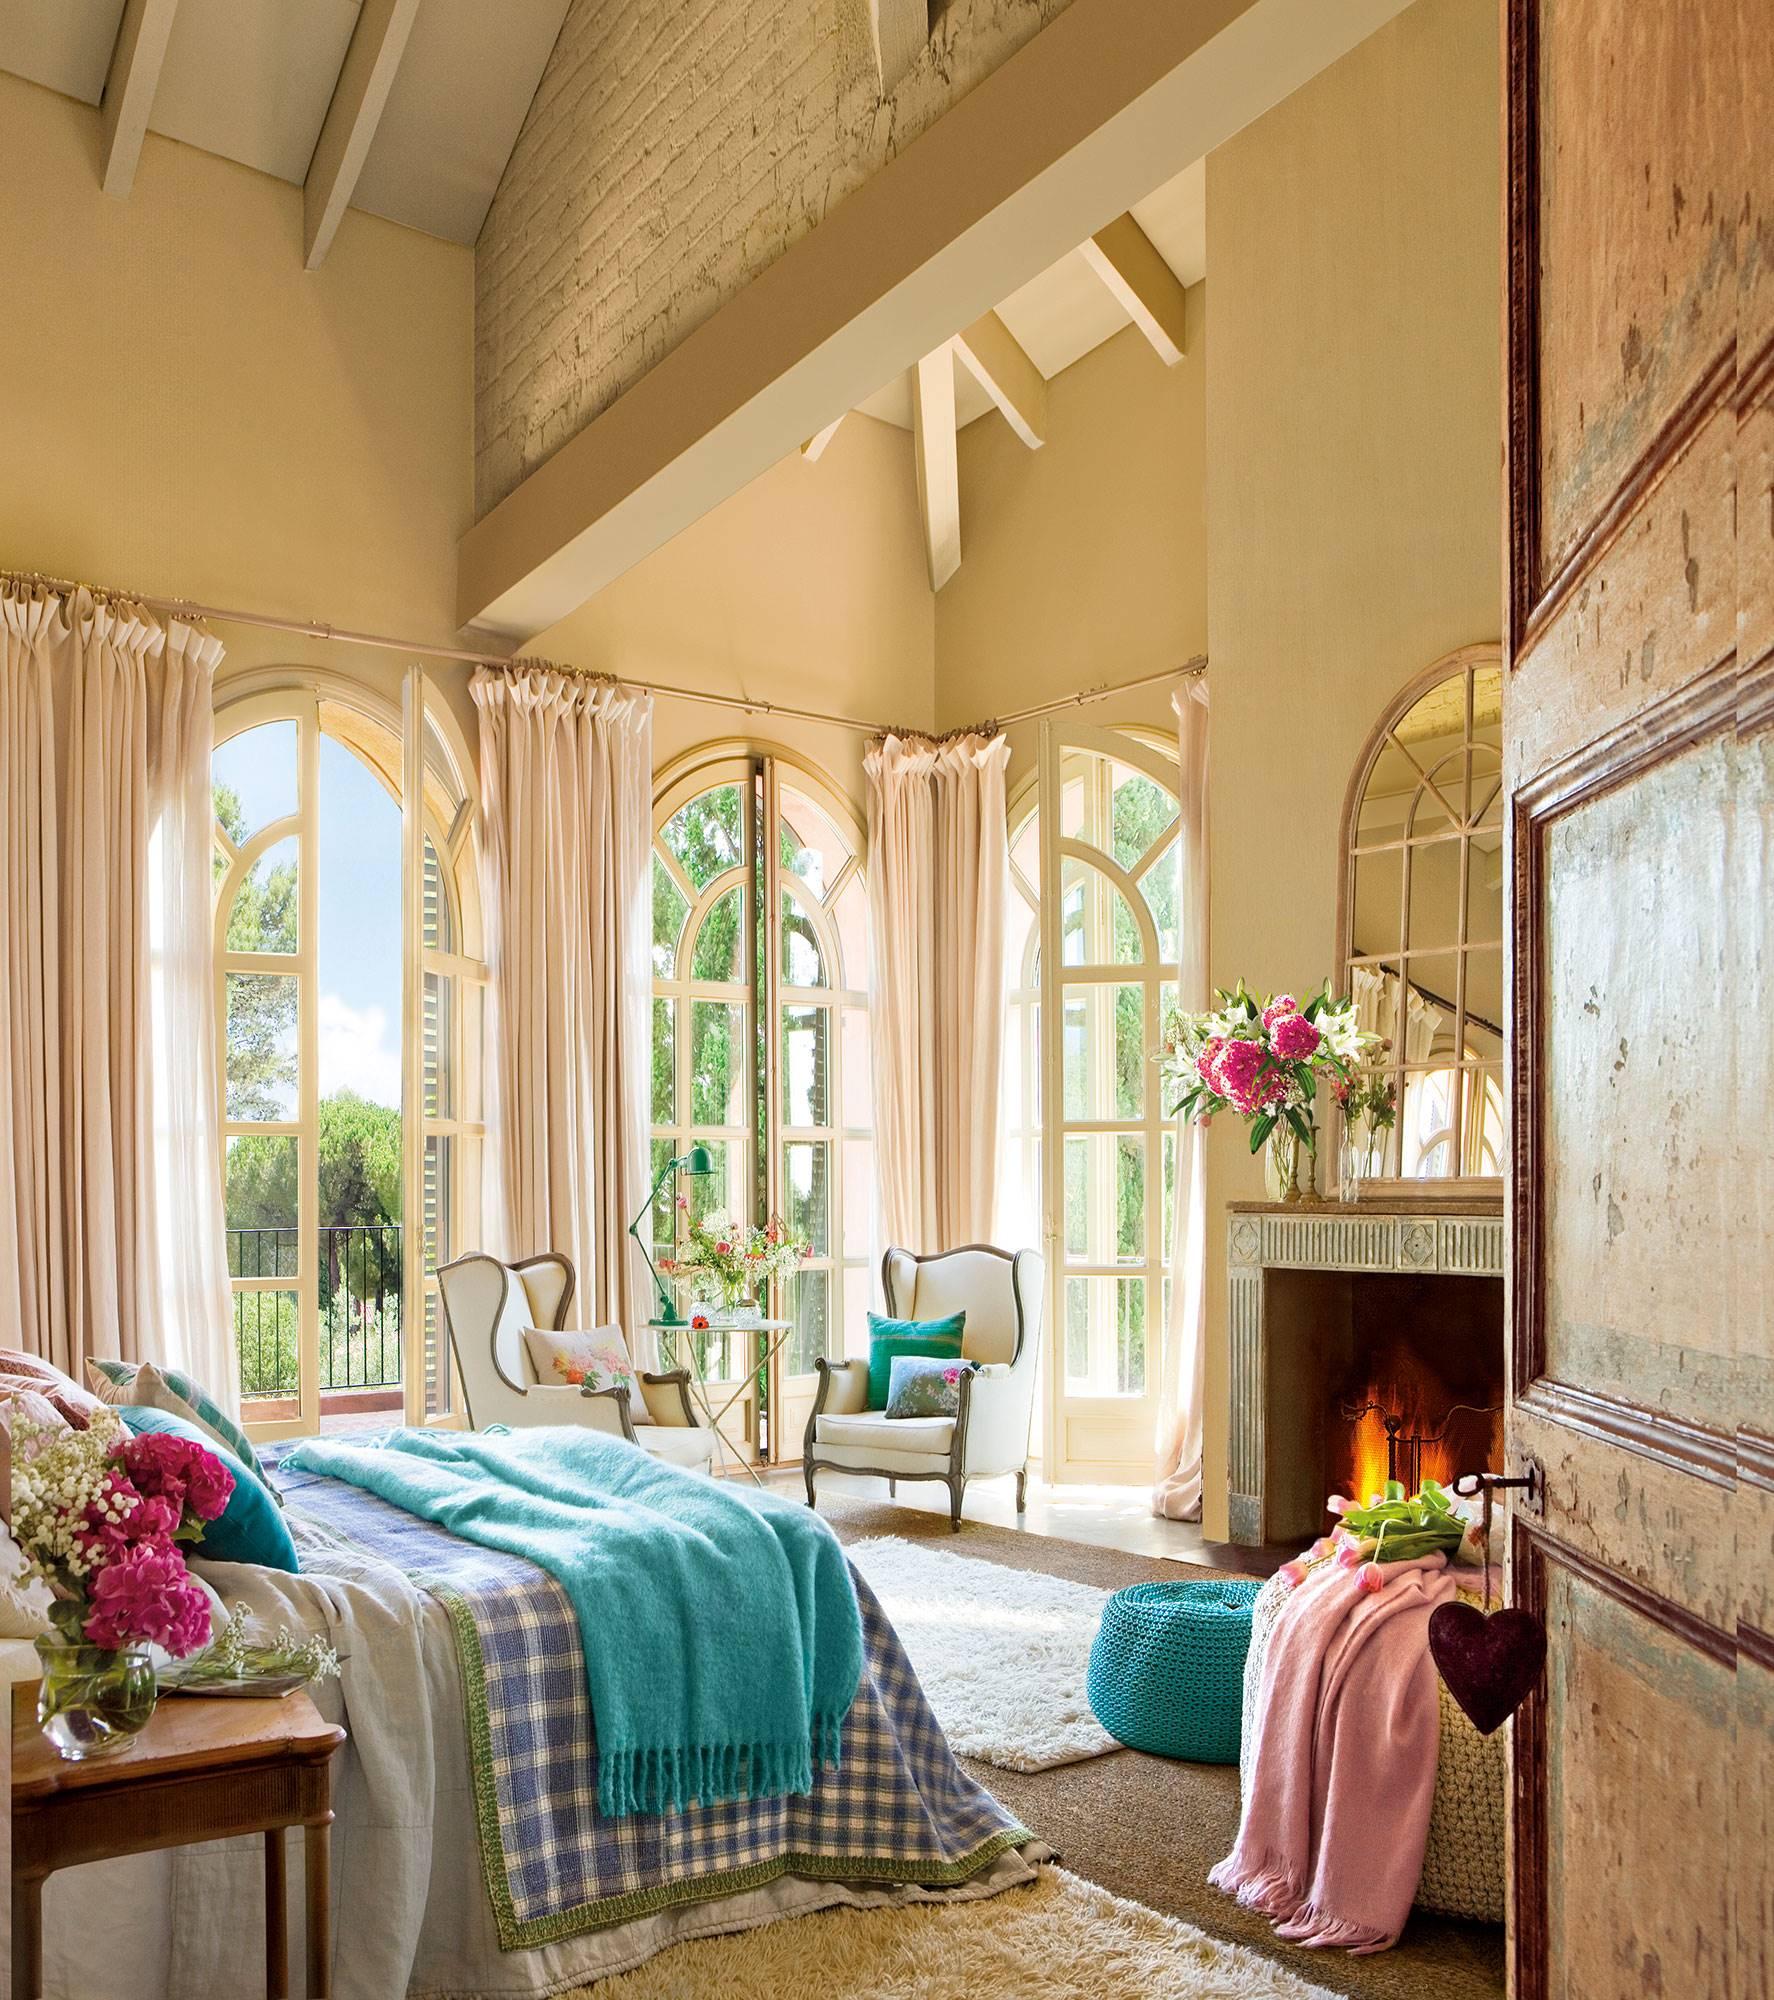 dormitorio-con-tchos-altos-chimenea-y-tres-ventanales-al-jardin 0ff73809. A través de la ventana